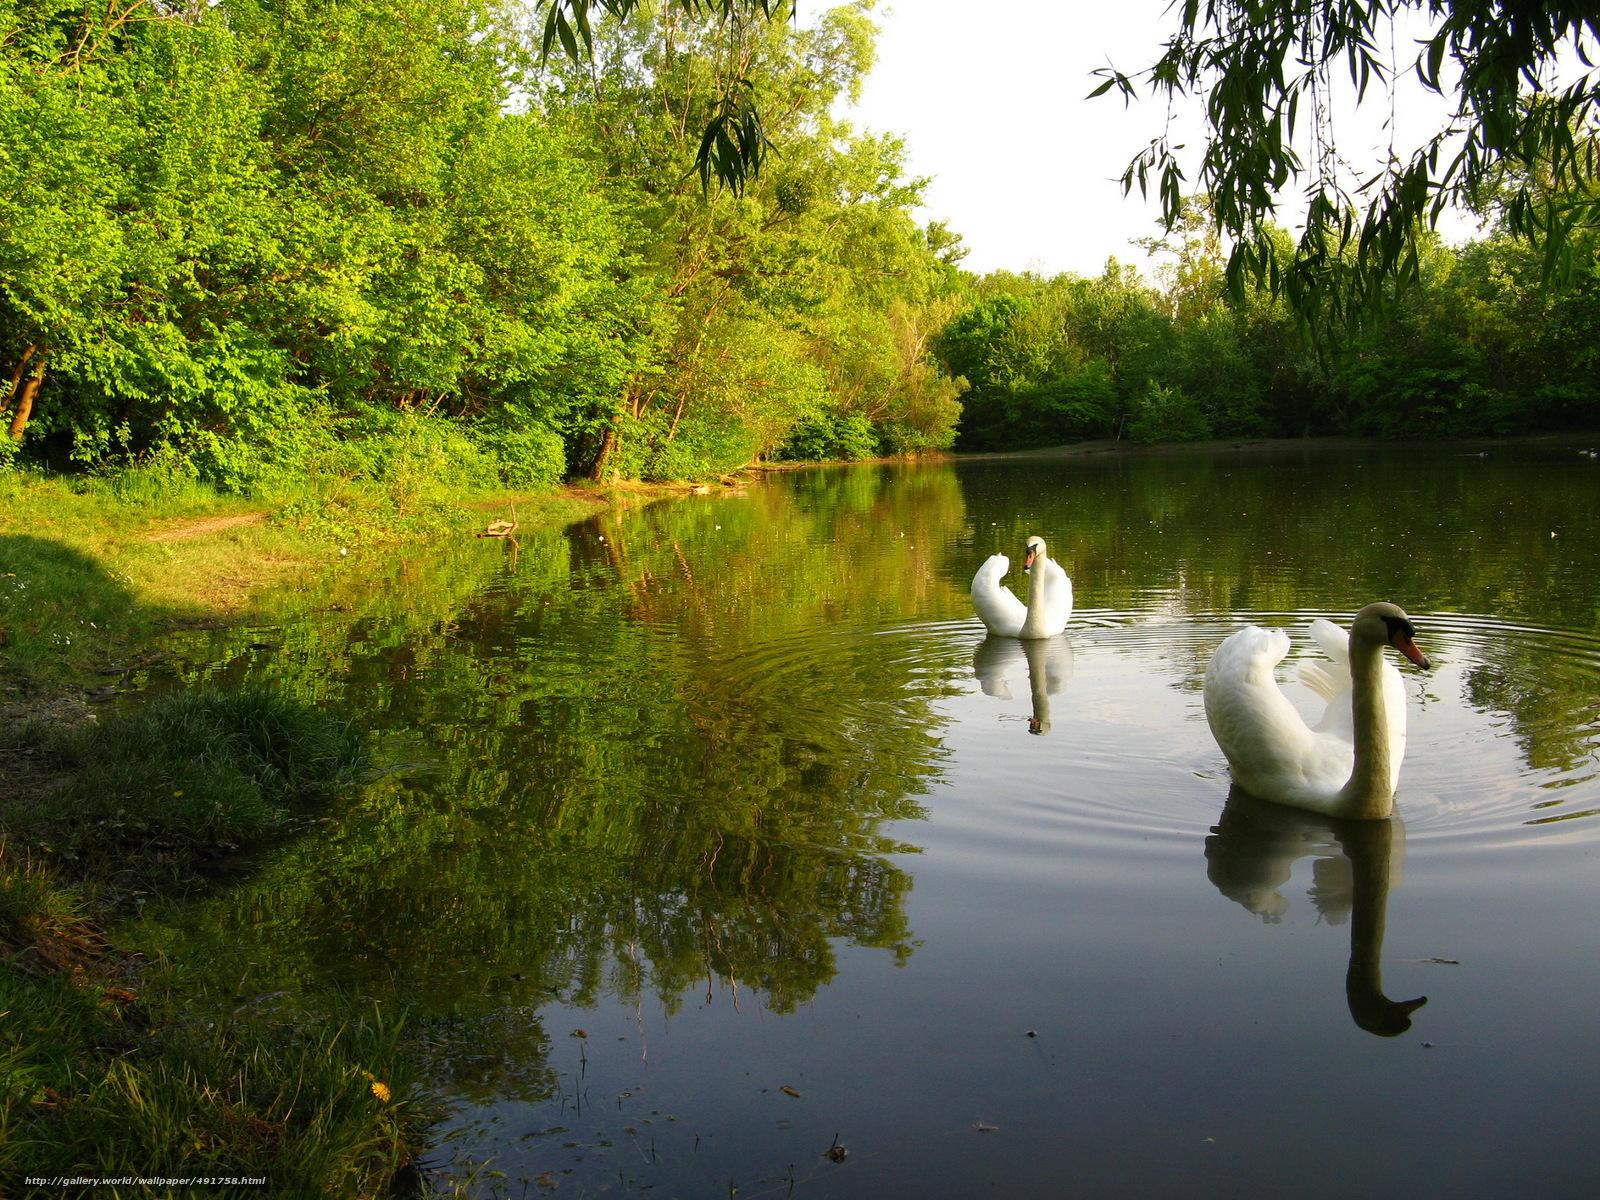 Tlcharger Fond d'ecran Parcs,  Cygnes,  lac,  Nature Fonds d'ecran gratuits pour votre rsolution du bureau 2304x1728 — image №491758